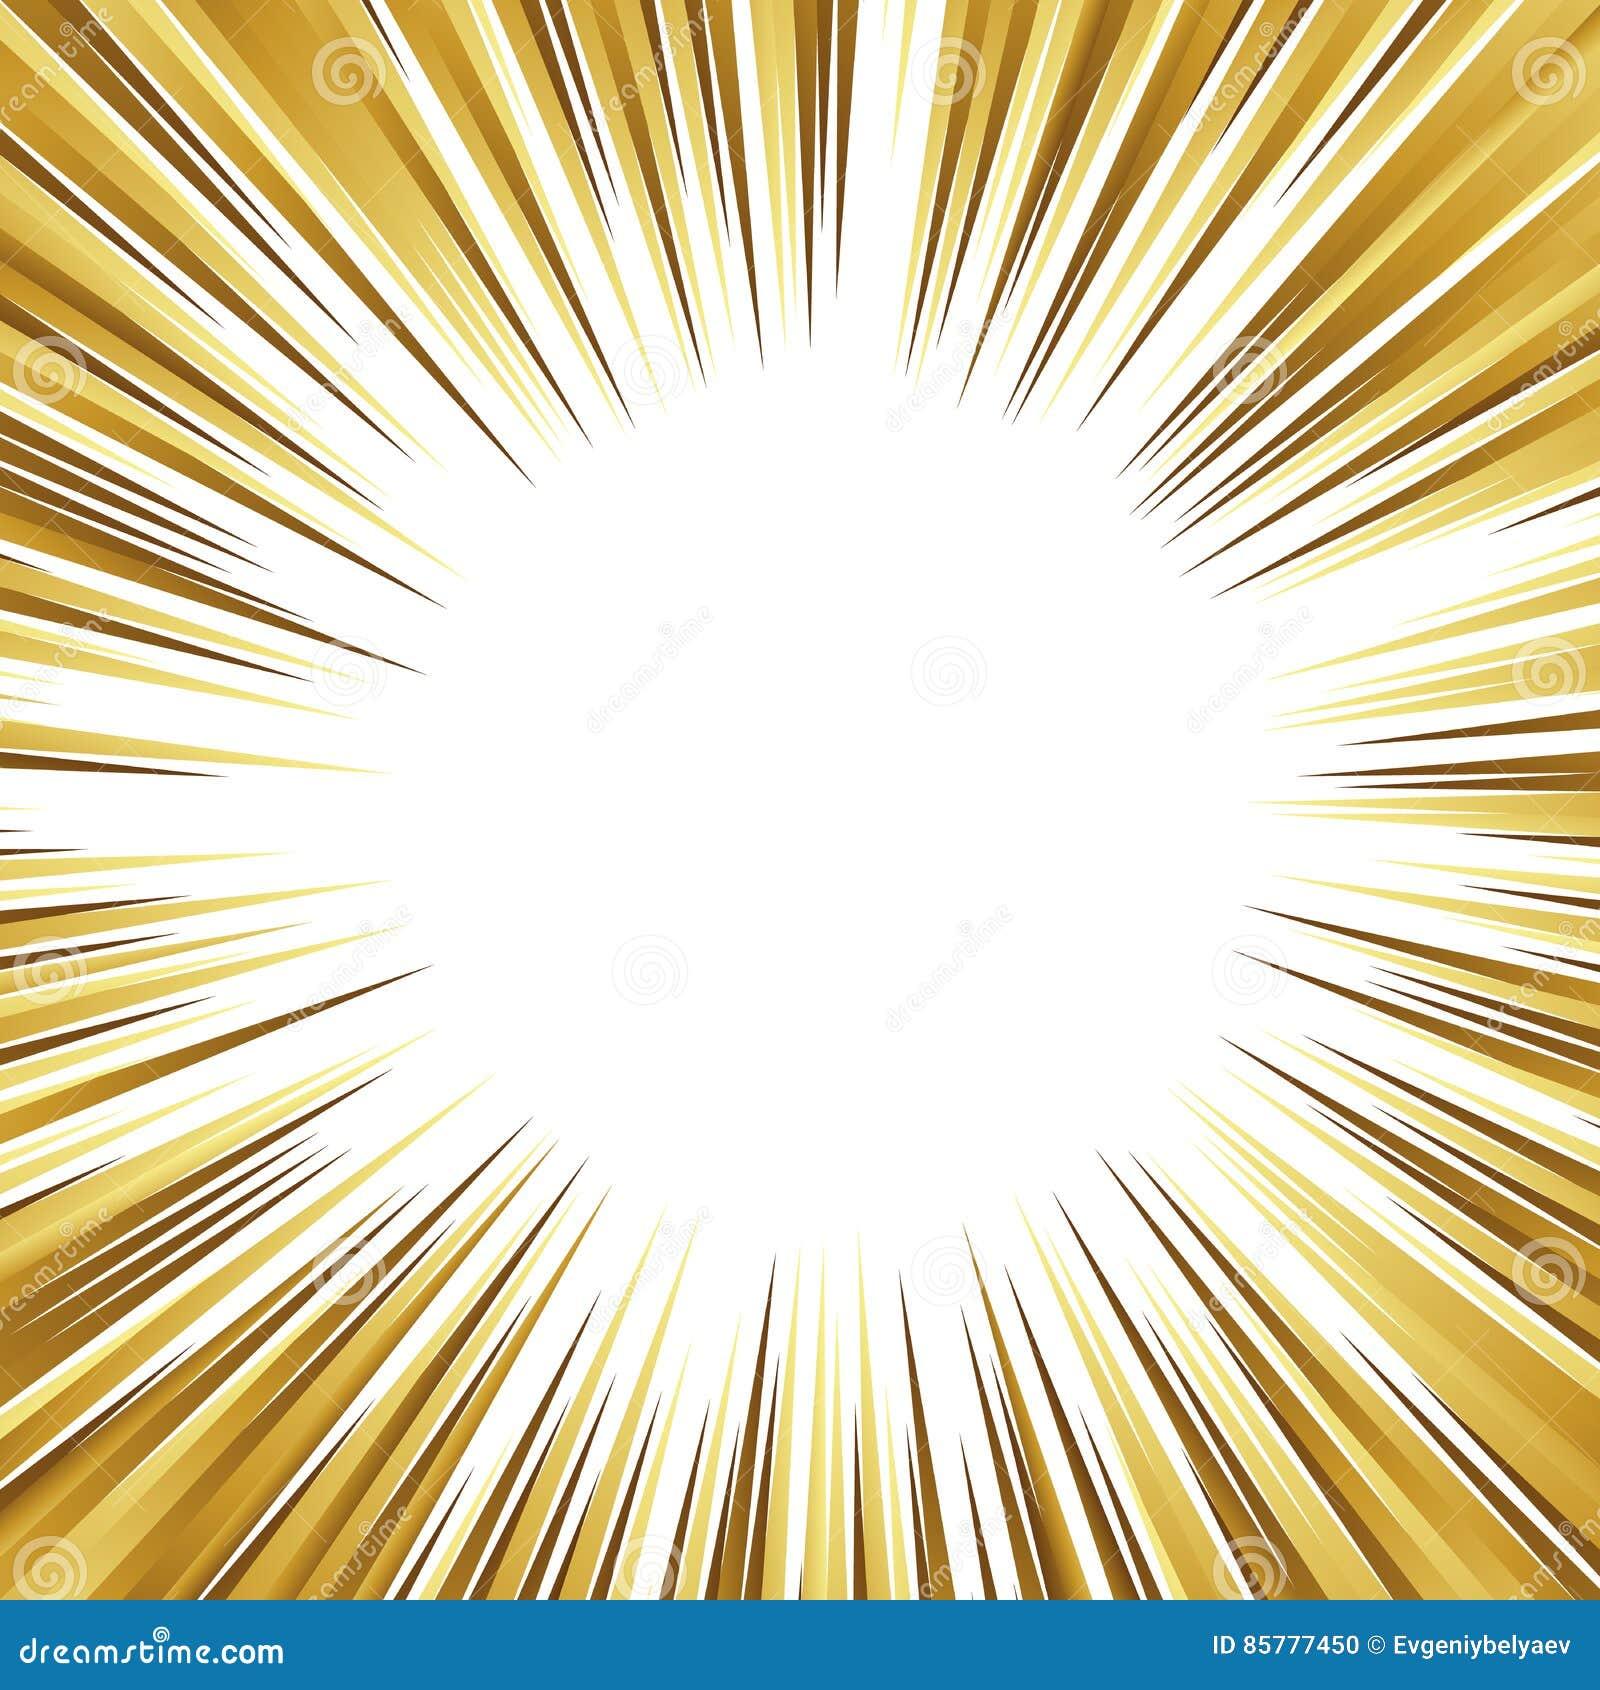 Gold Und Weiße Hintergrundaktionscomic-buch-Streifen Radiallinien ...